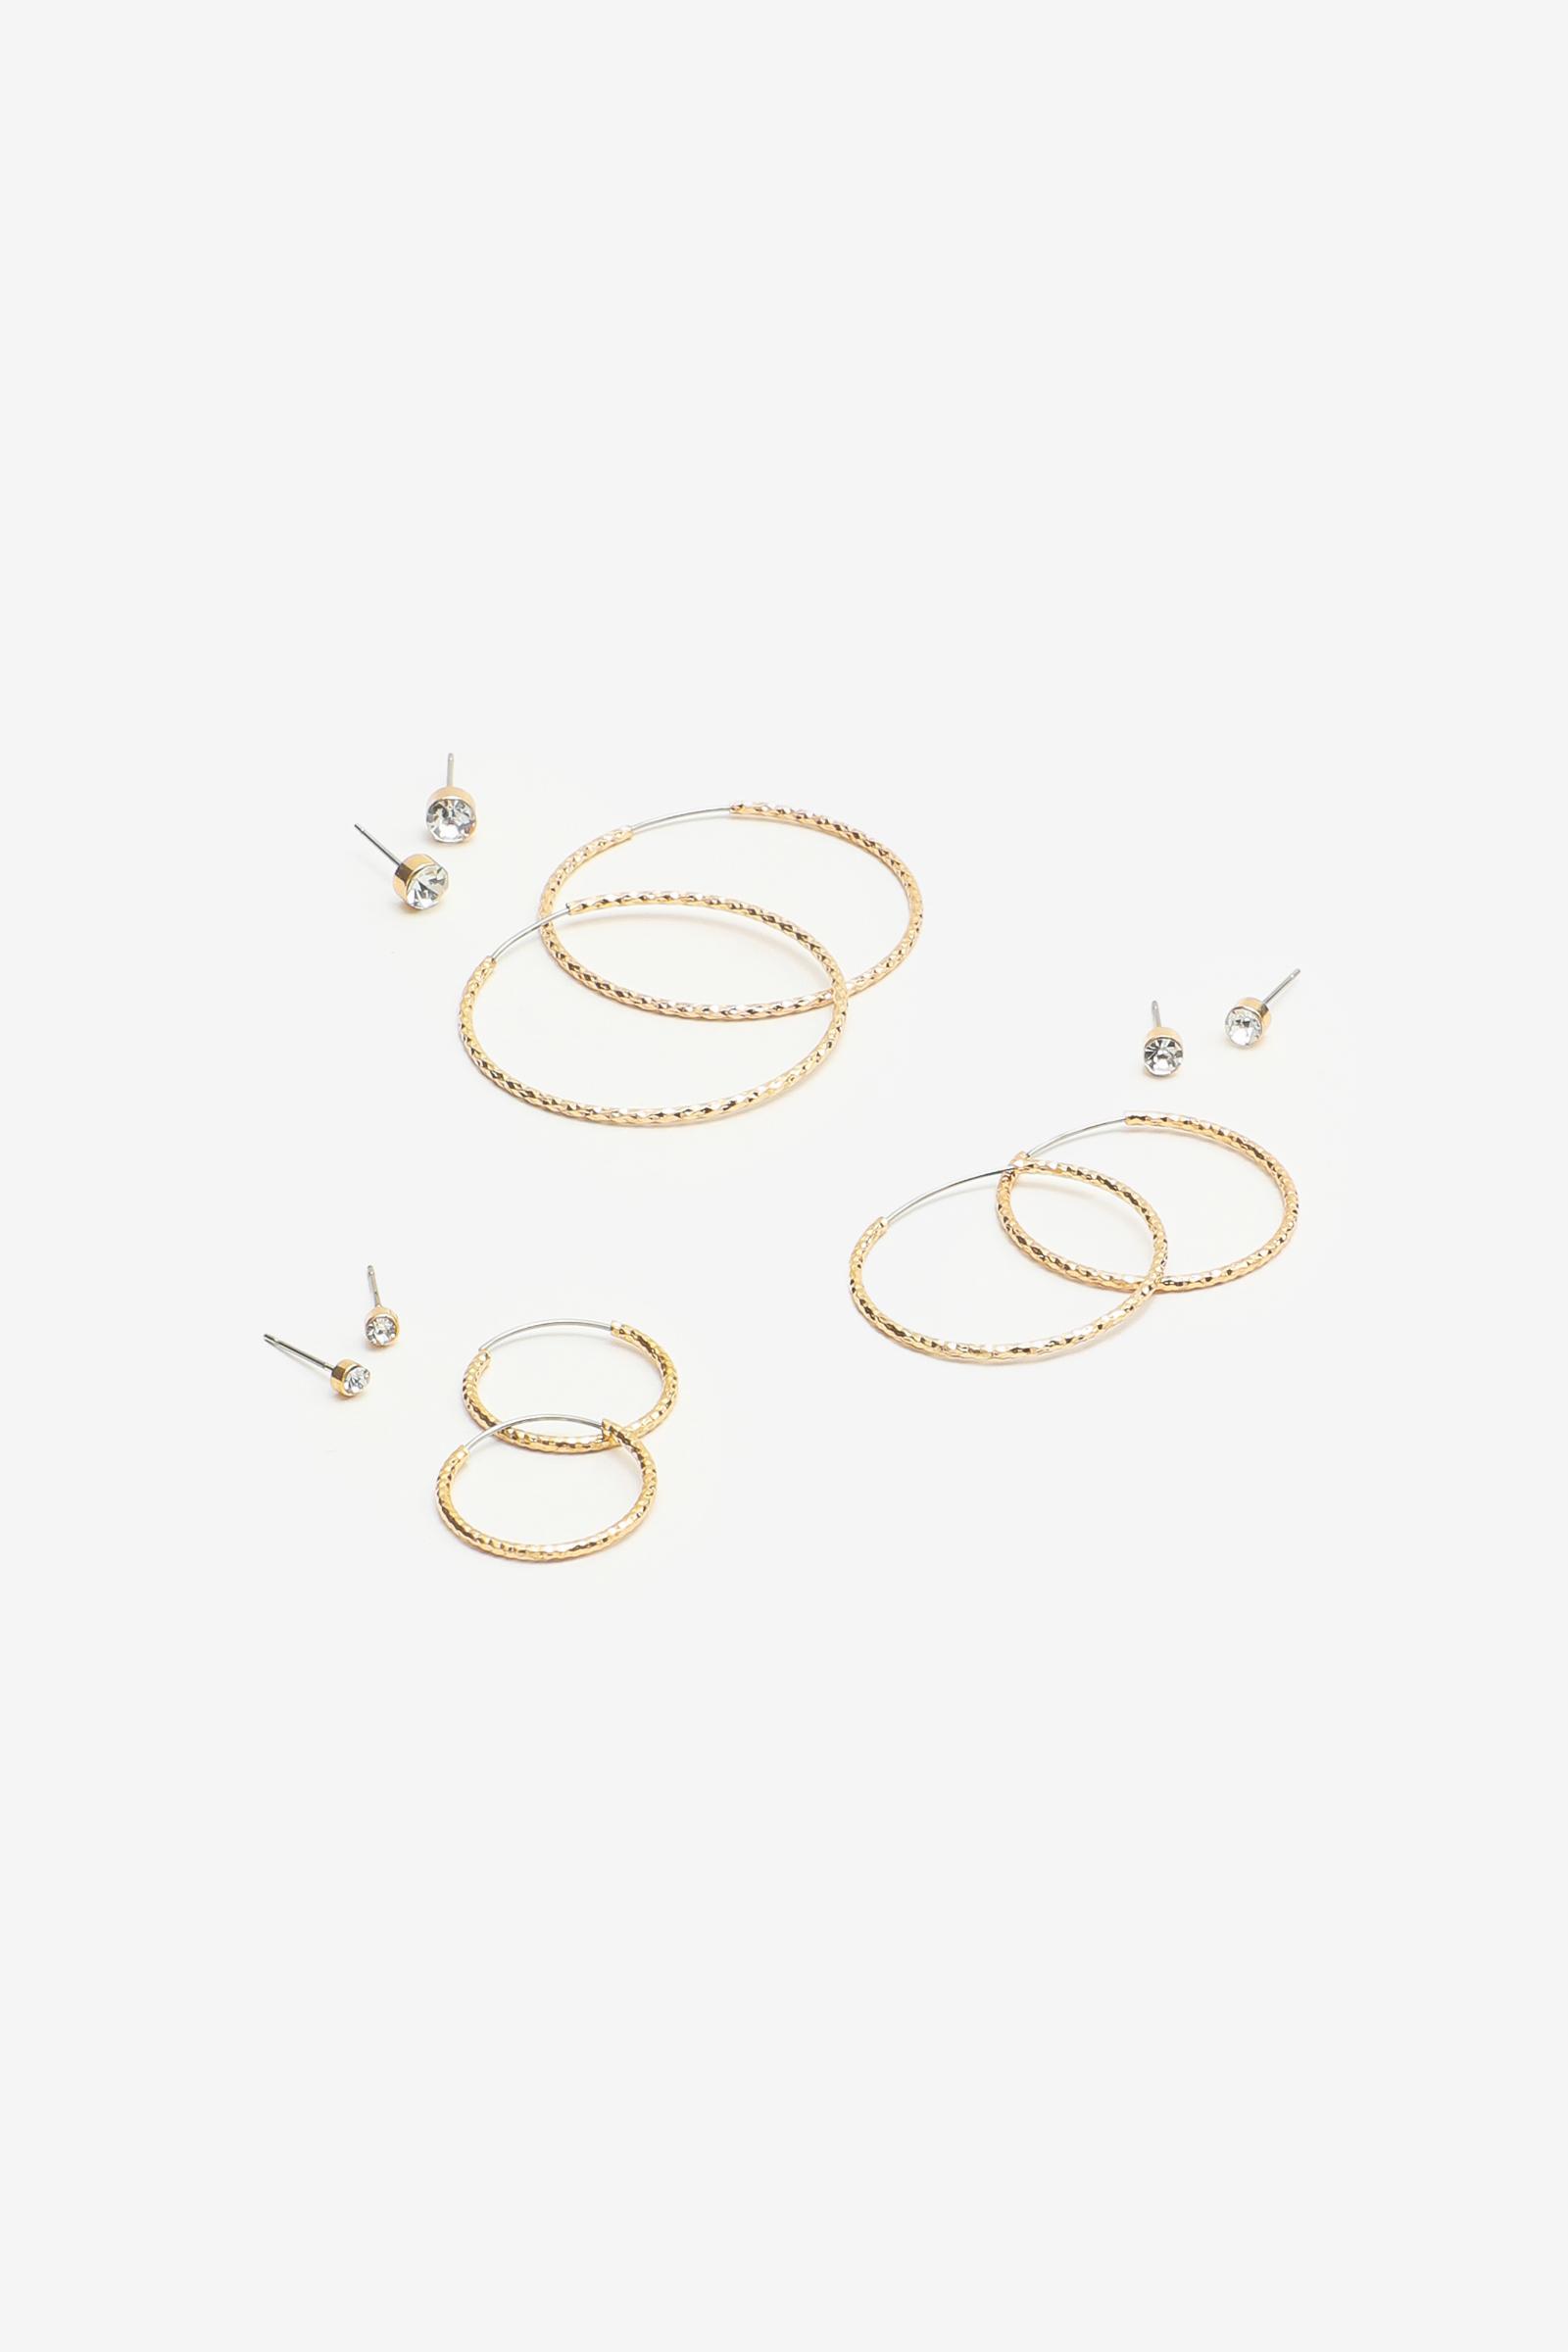 Pack of Hoop and Stud Earrings